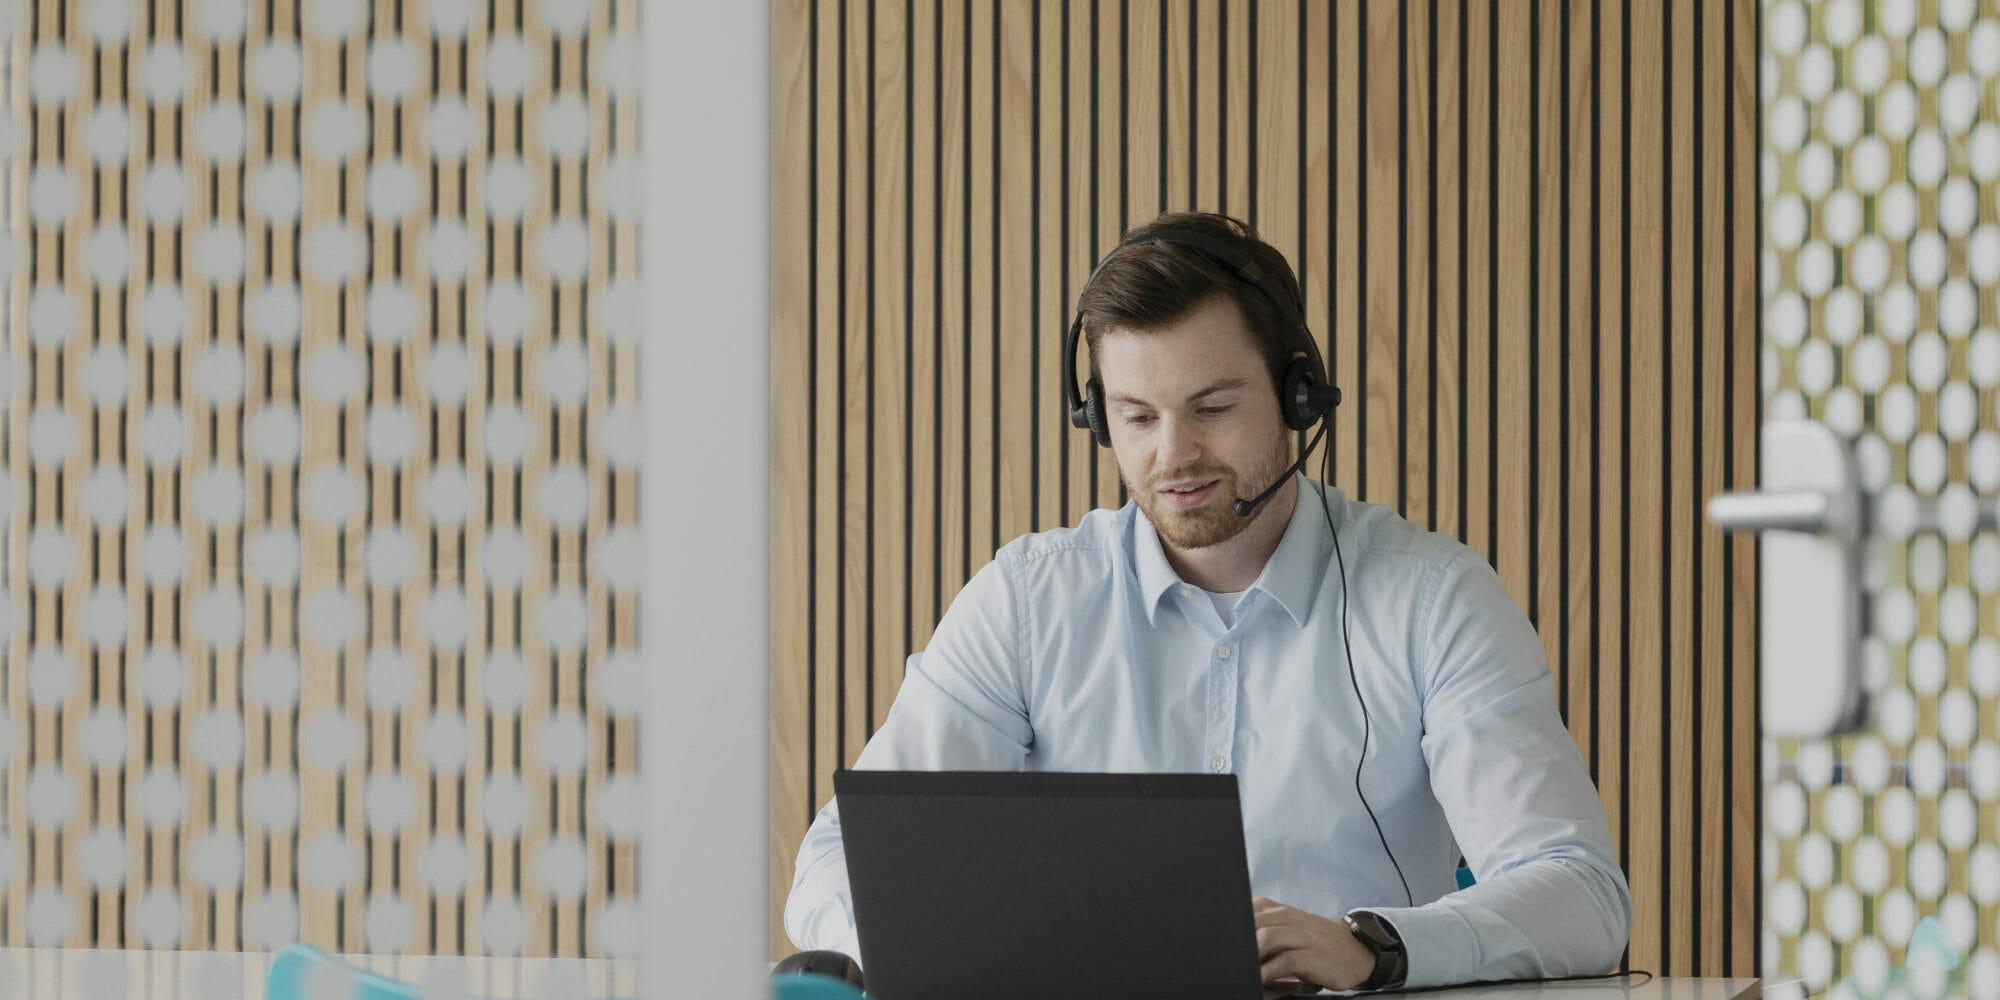 en person, der sidder foran en bærbar computer